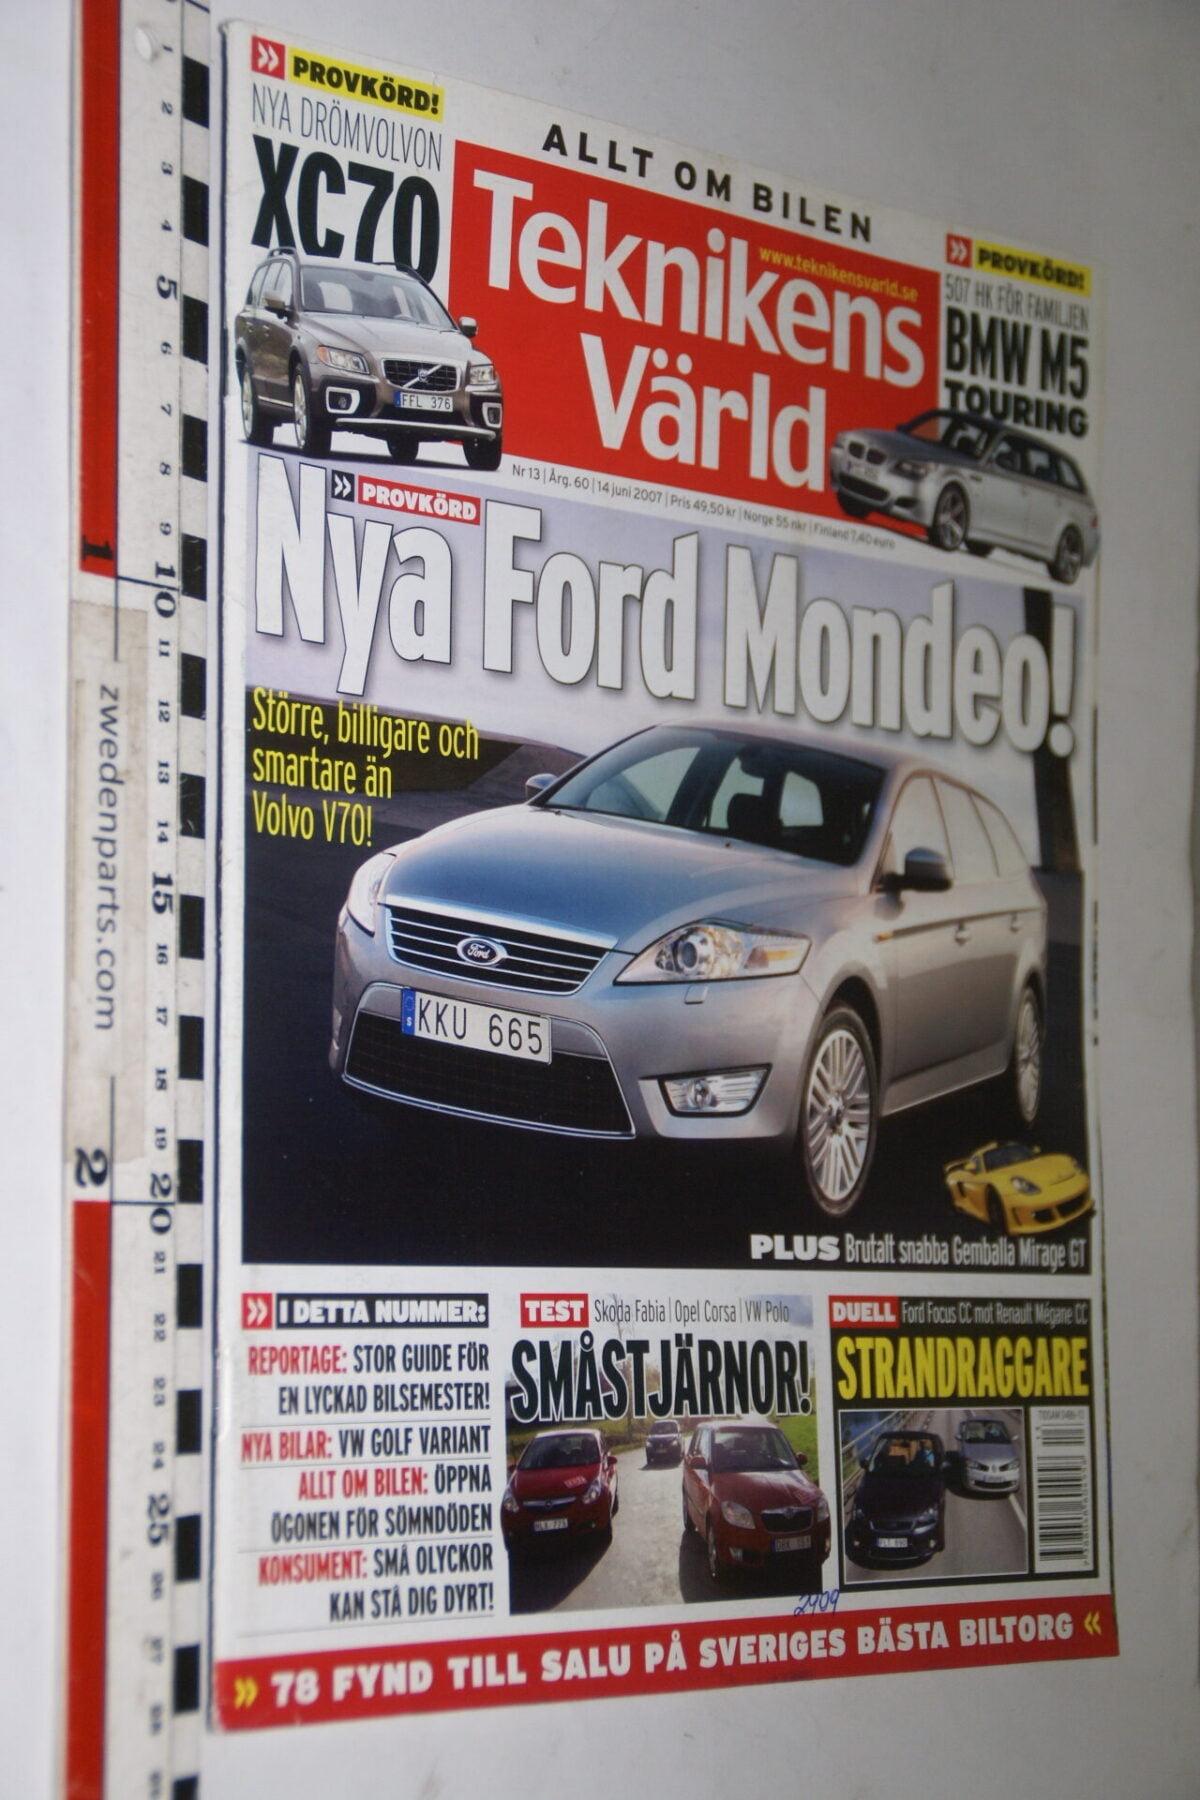 DSC08093 tijdschrift Teknikens Värld 14 juni 2007 met Volvo XC90, Svenska-1872c2e8